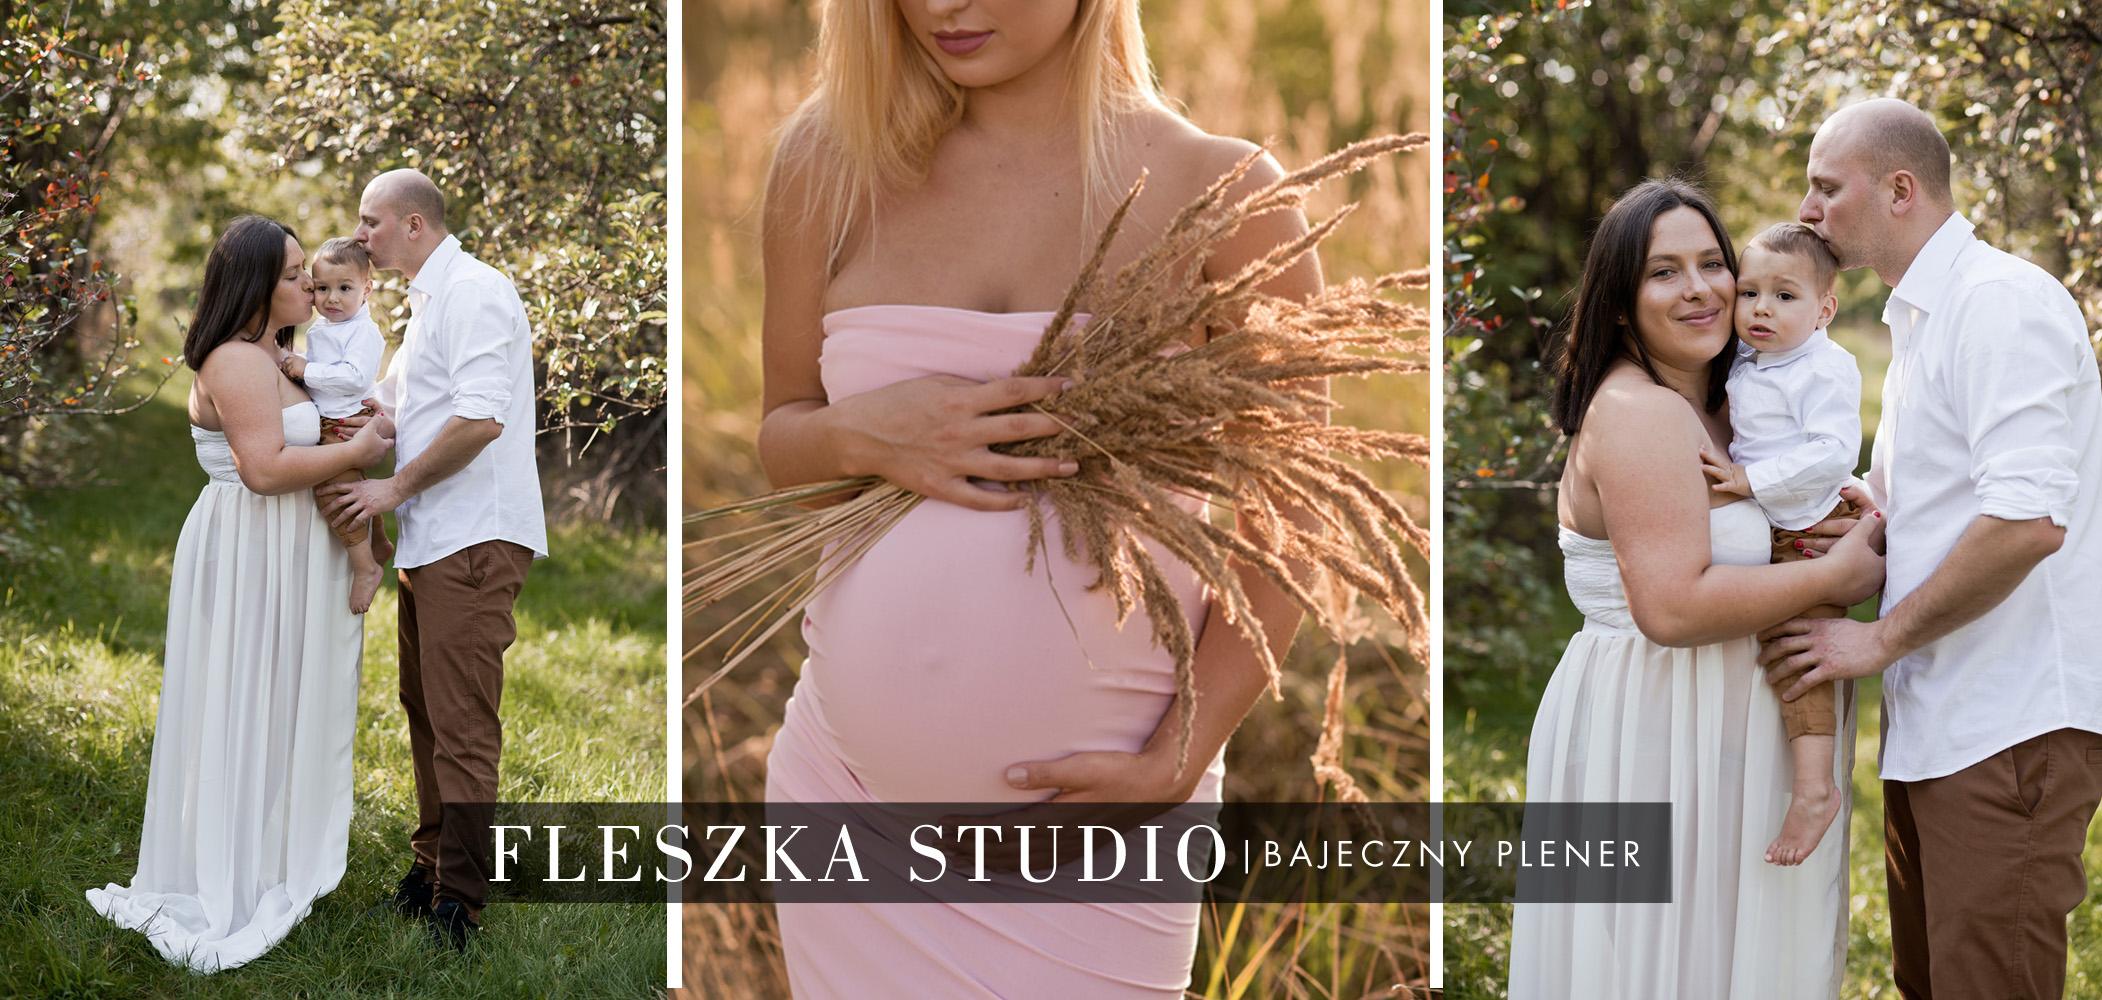 sesja ciążowa częstochowa, fotografia brzuszkowa, przyszła mama, sesja ciążowa w plenerze, romantyczny portret, sesje zdjęciowe Częstochowa, studio fotograficzne